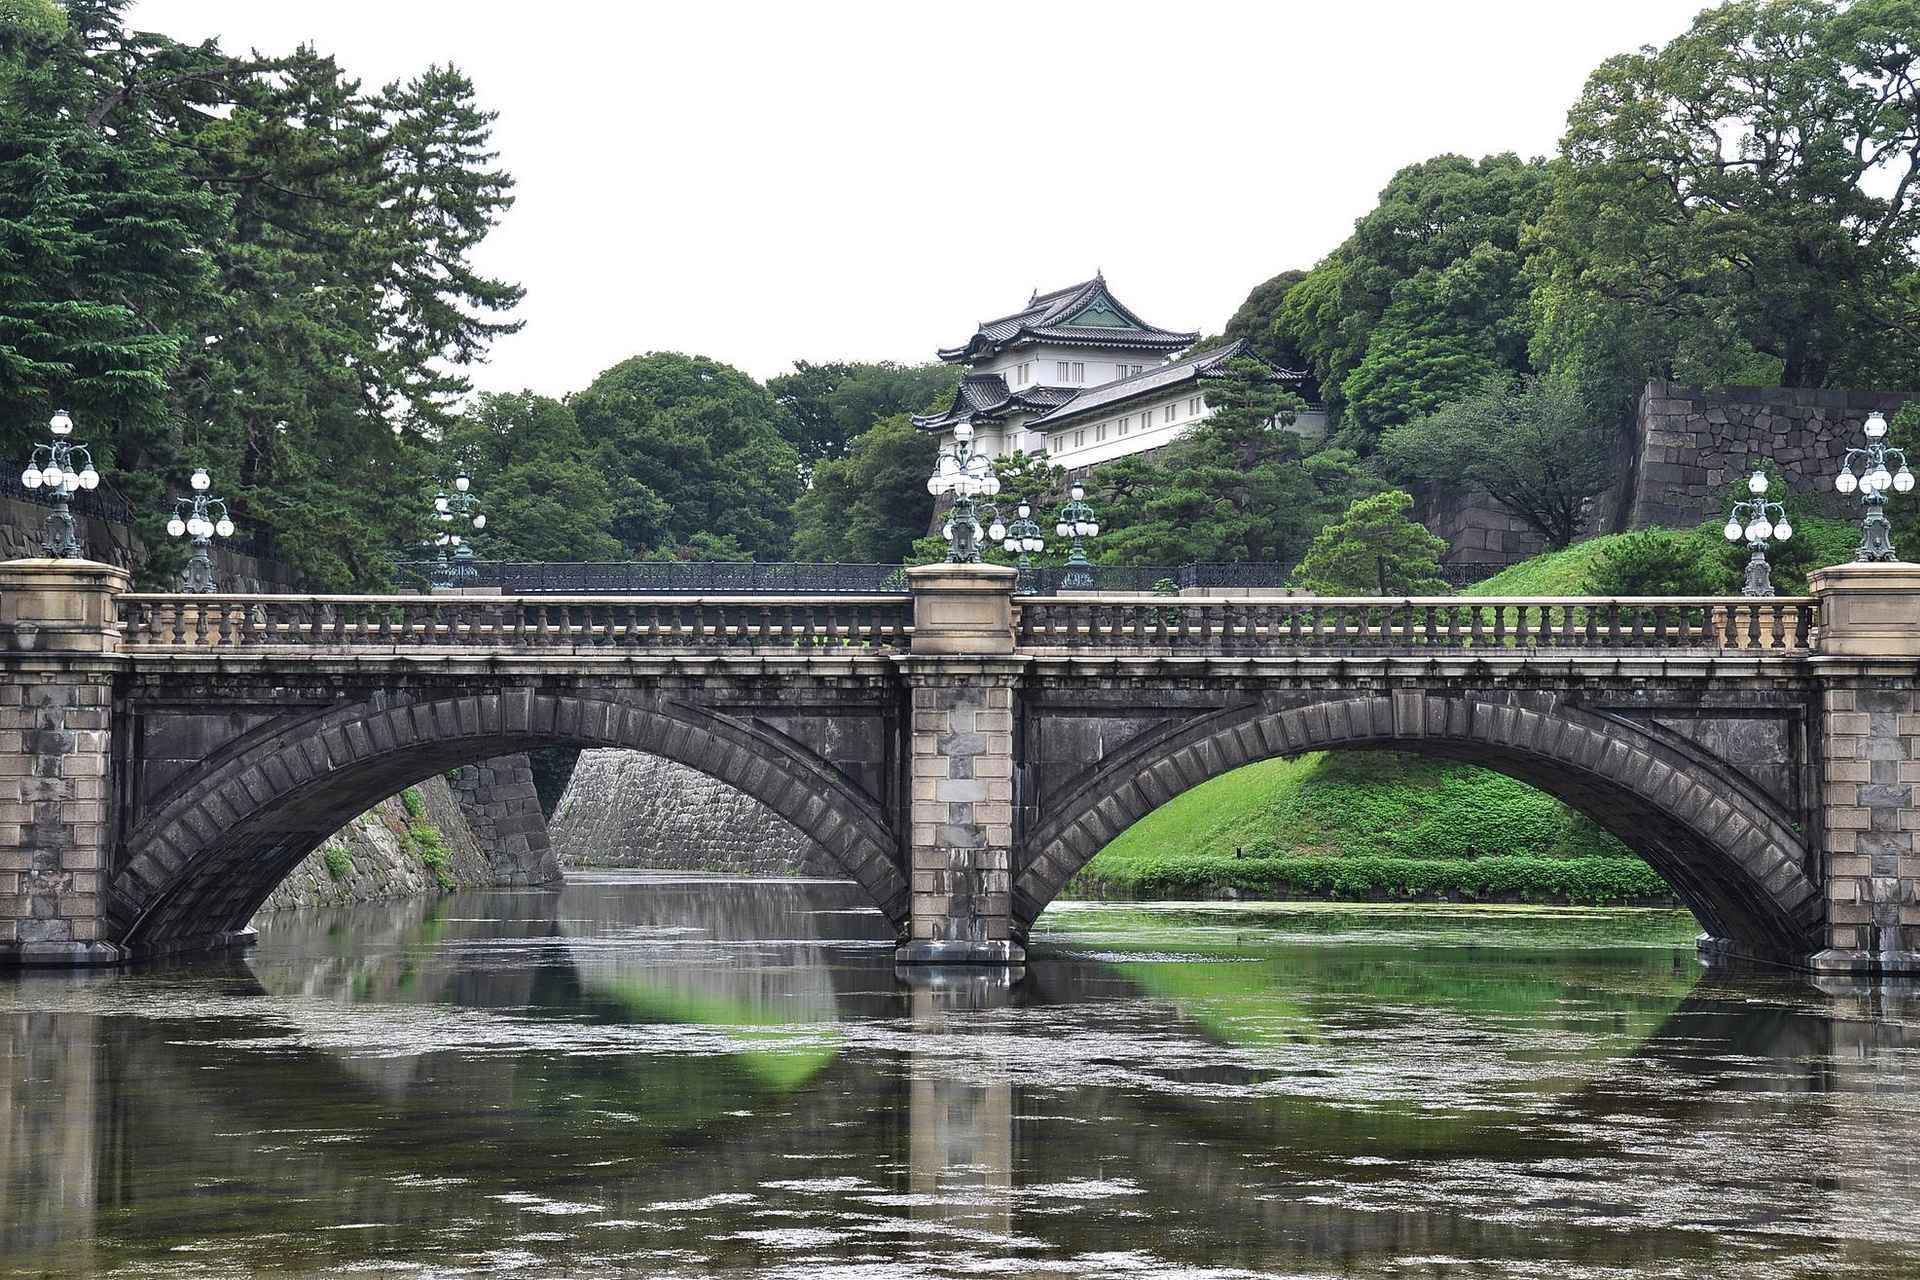 Tokion keisarillisen palatsin Seimon ishibashi -niminen kivisilta on yksi kaupungin kuvatuimpia